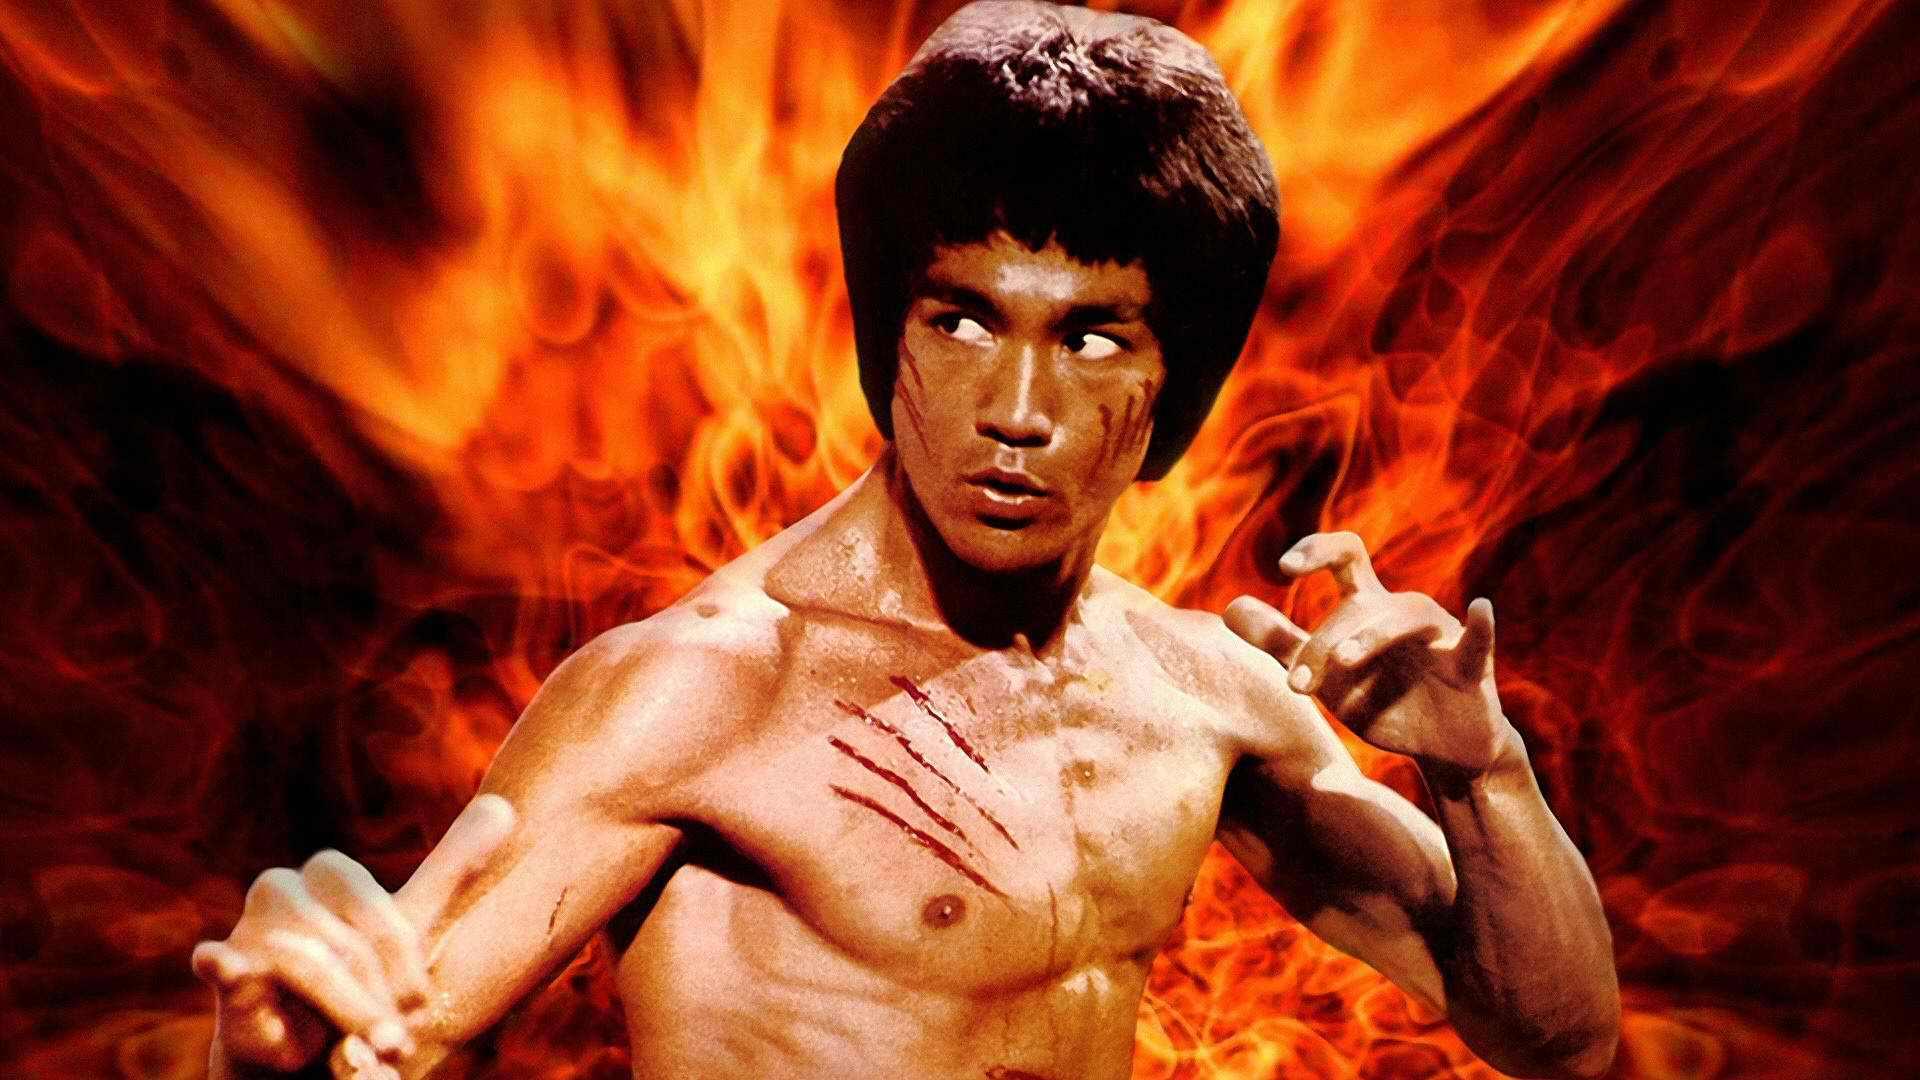 Bruce Lee - Bruce Lee Wallpaper (26492379) - Fanpop